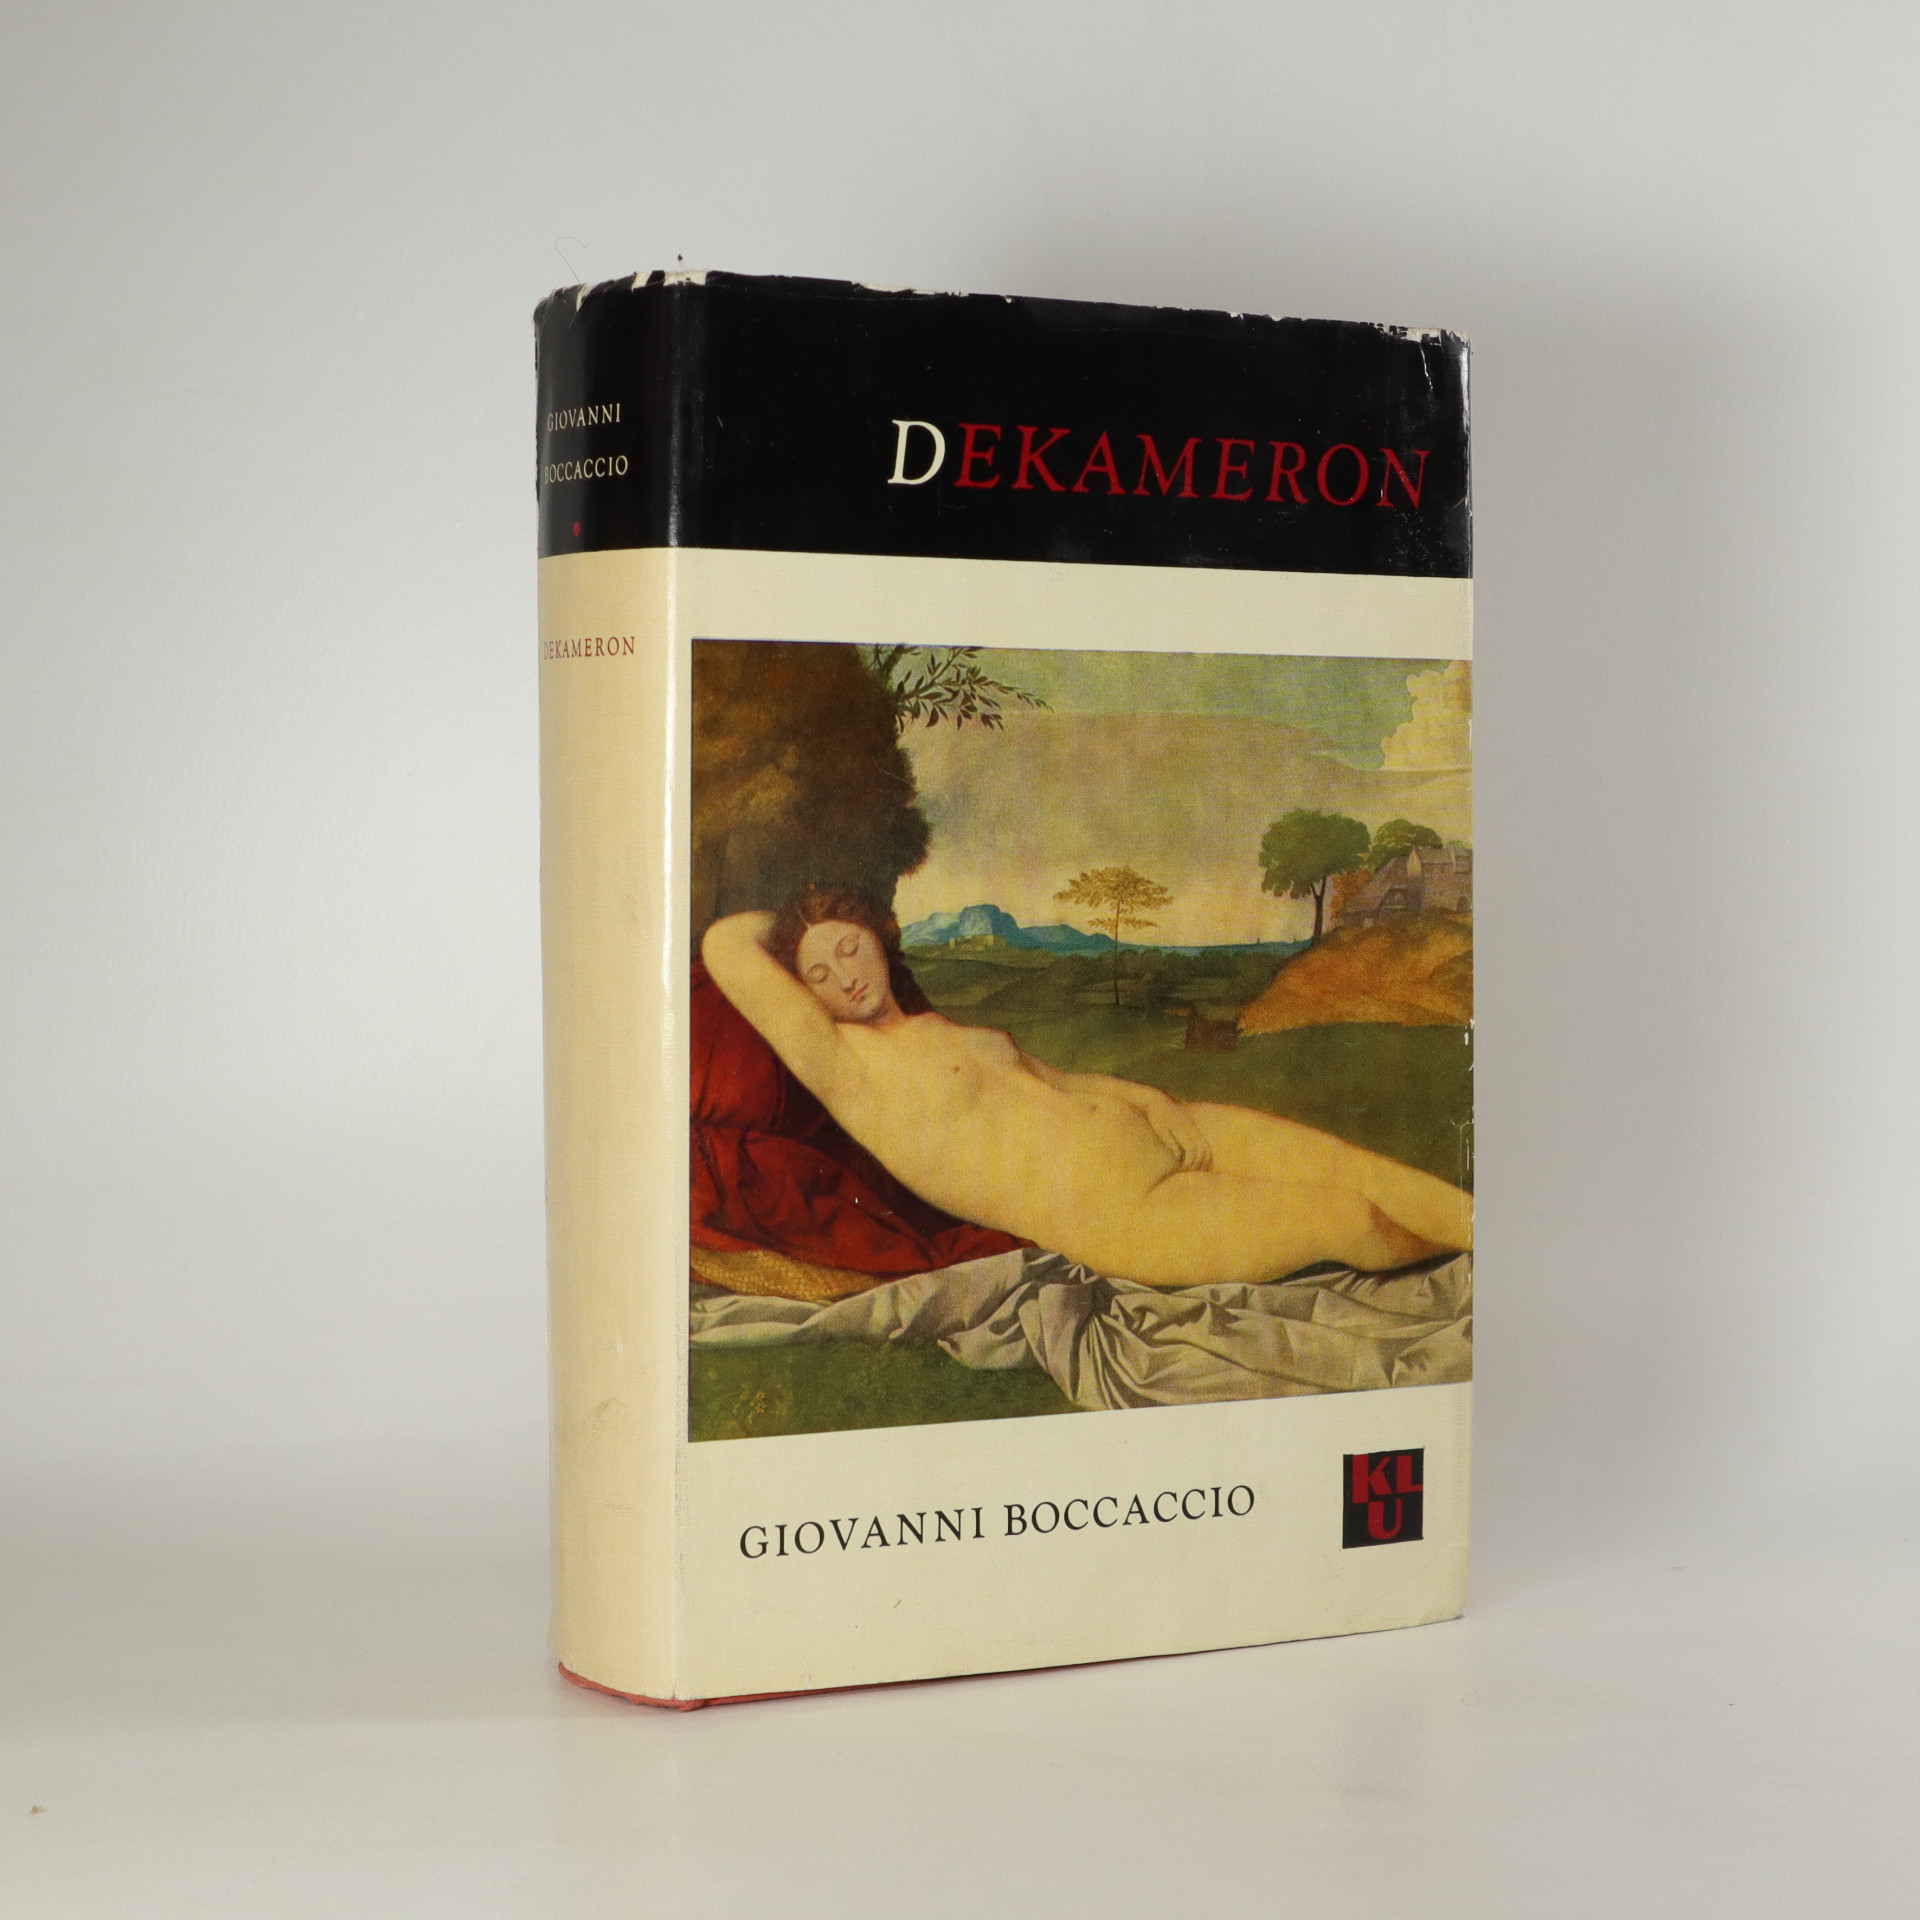 antikvární kniha Dekameron, 1965